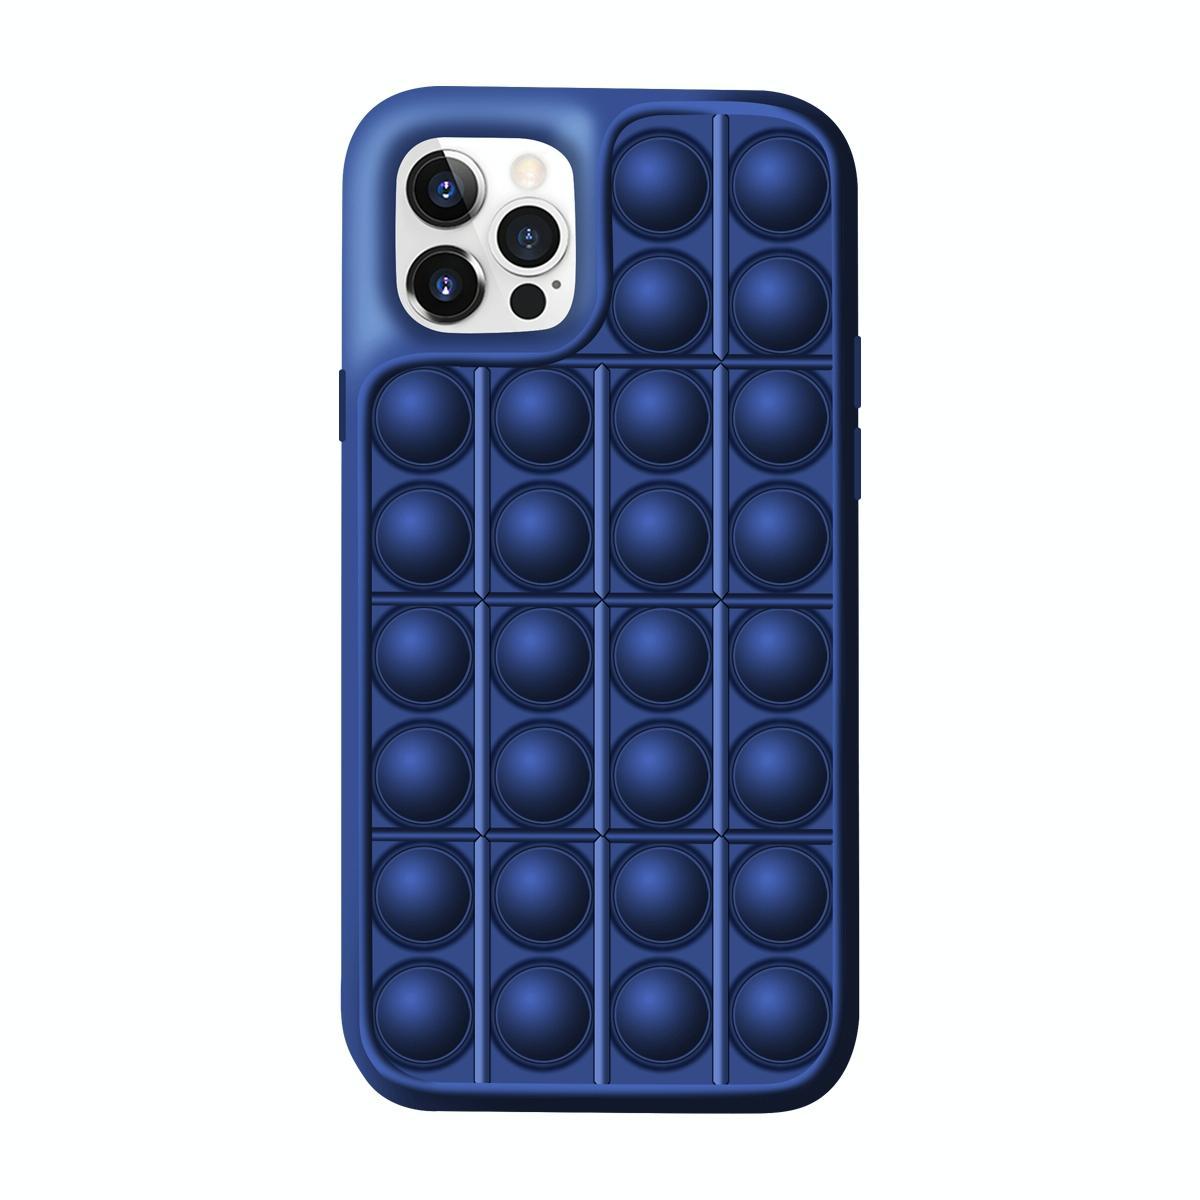 아이폰12 미니 레고 뽁뽁이 디자인 특이한 핸드폰 케이스 (Navy 블루)